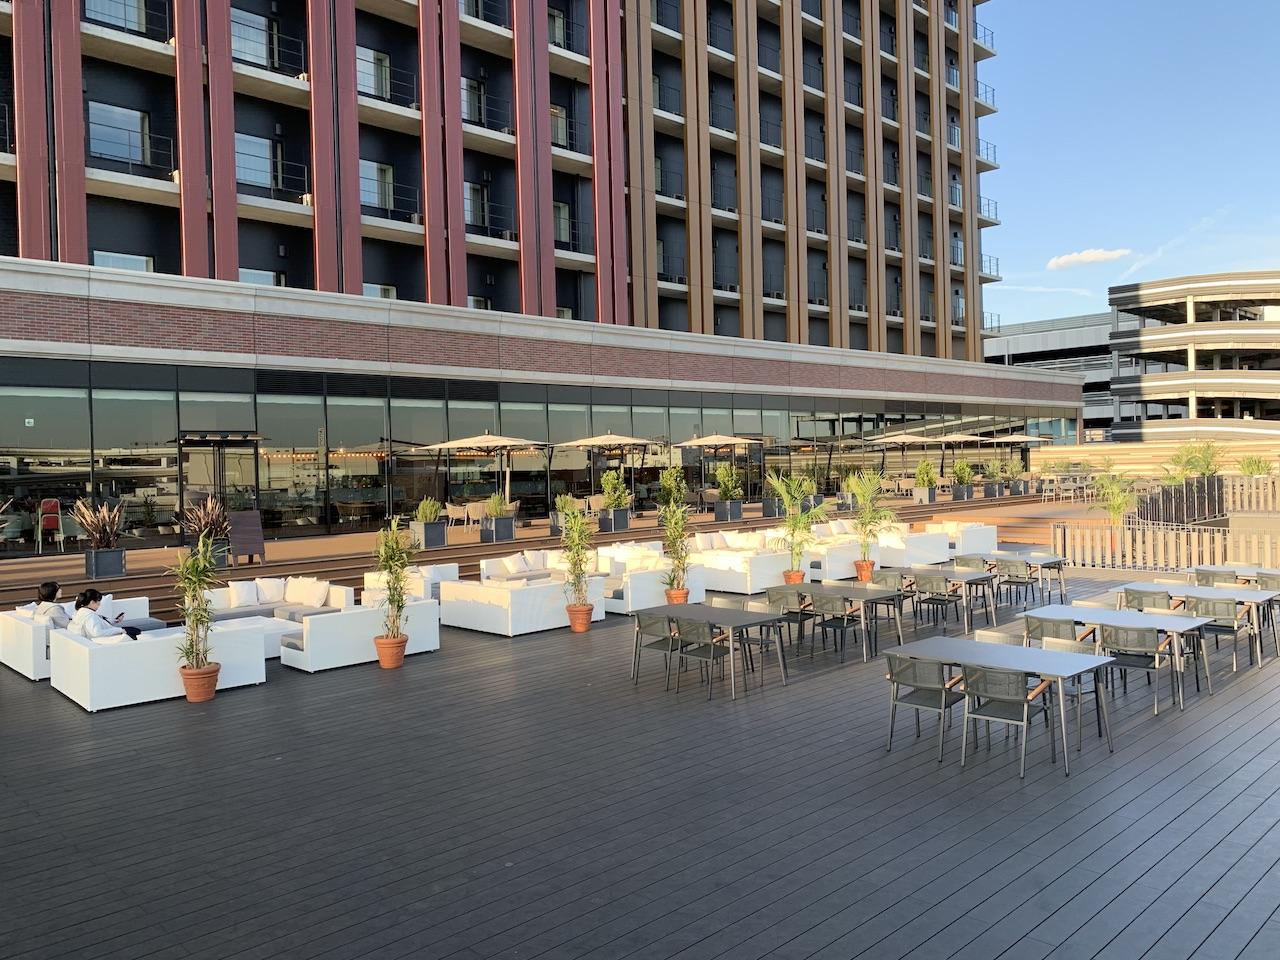 liber-hotel-usj-terrace-3